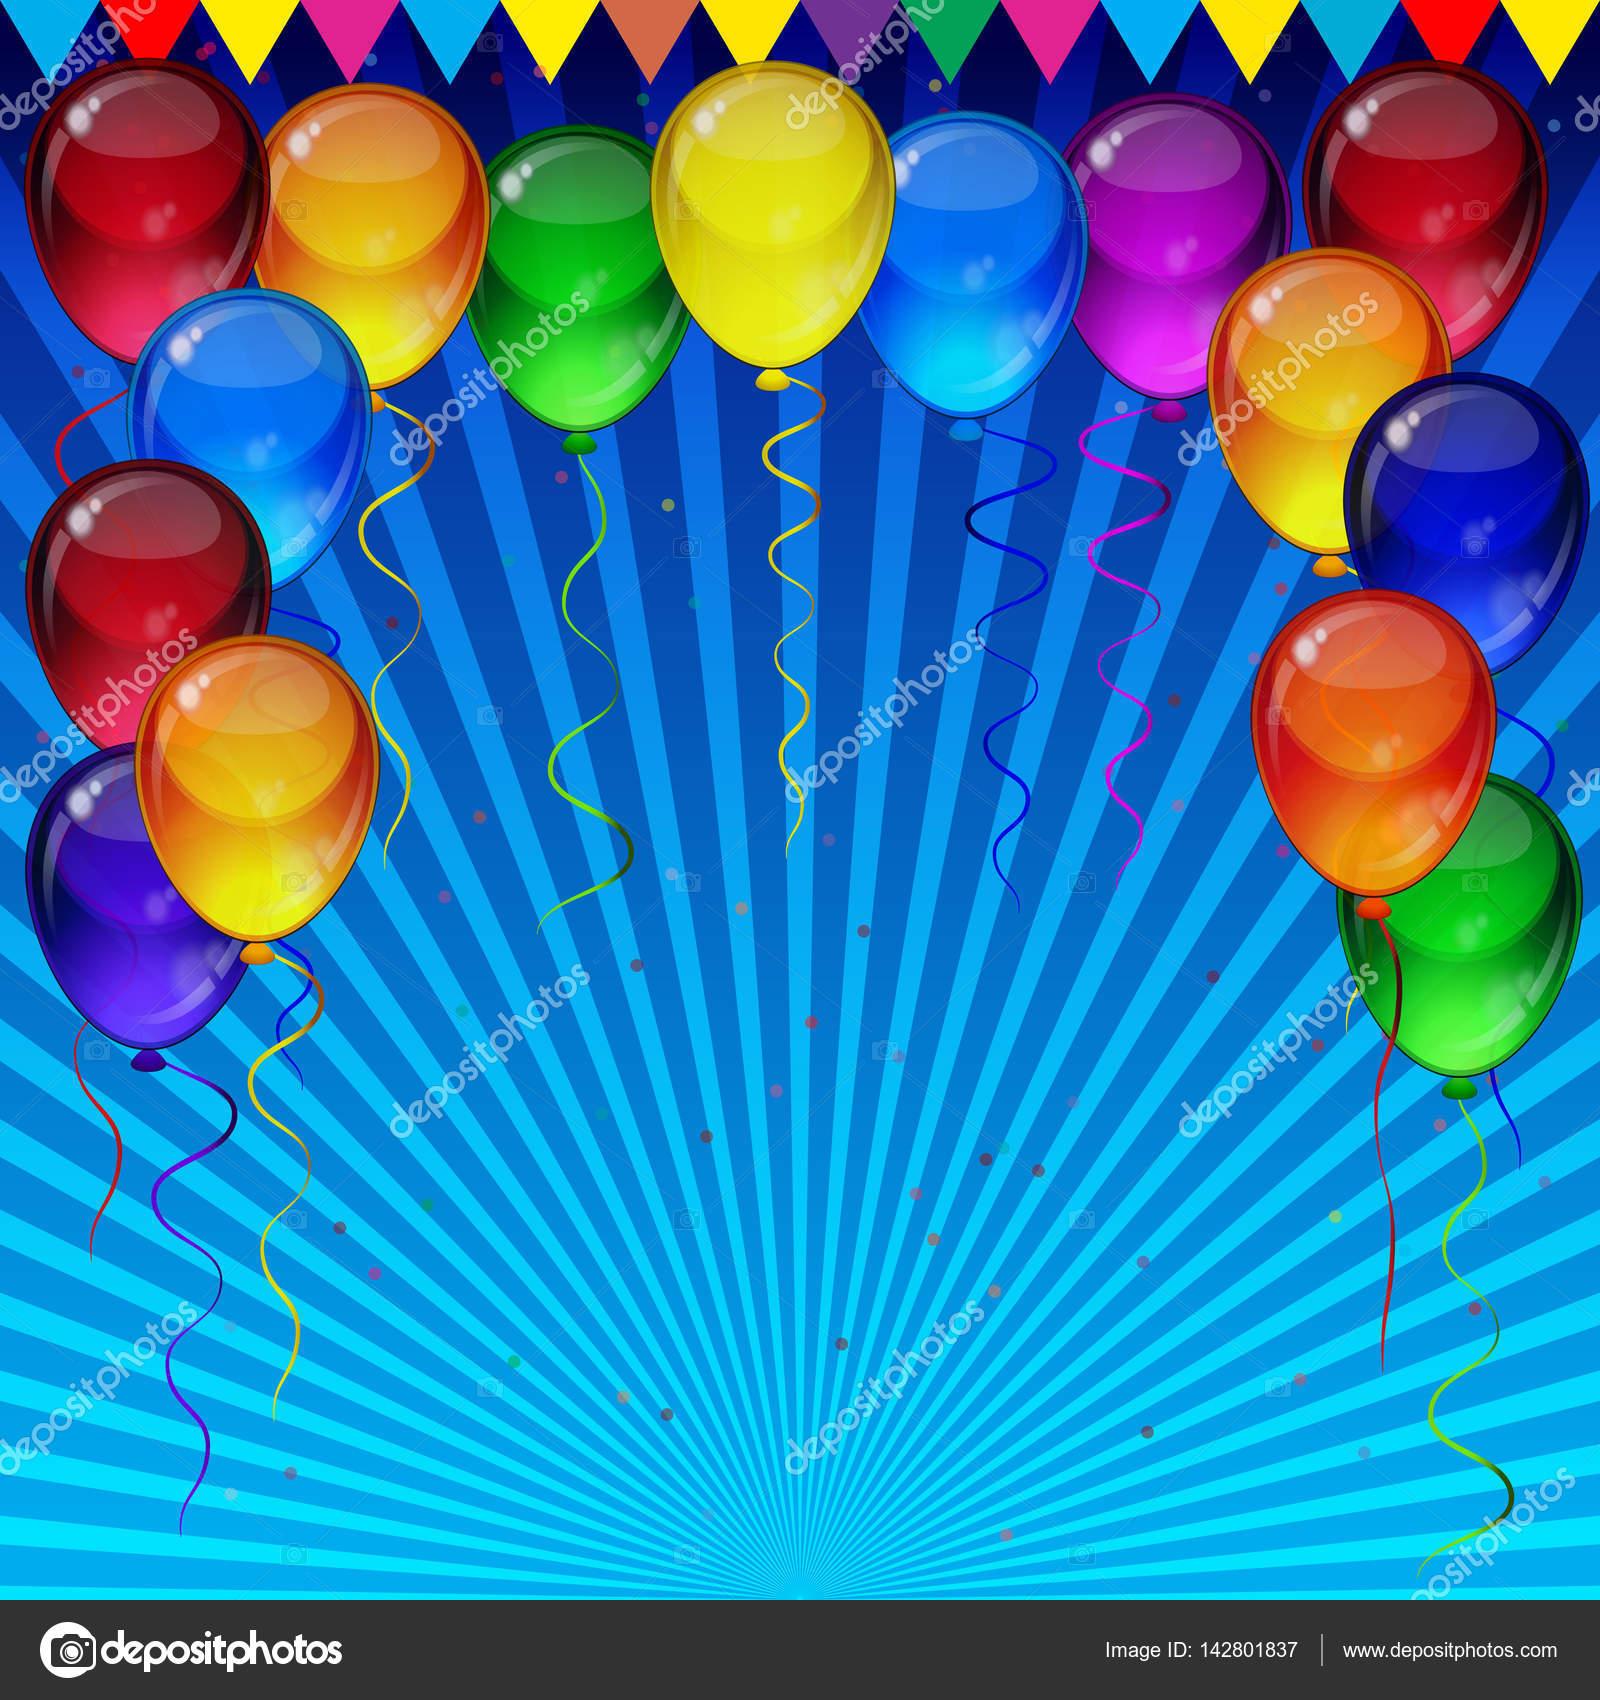 Fondo de la fiesta de cumplea os coloridos globos - Globos fiesta cumpleanos ...